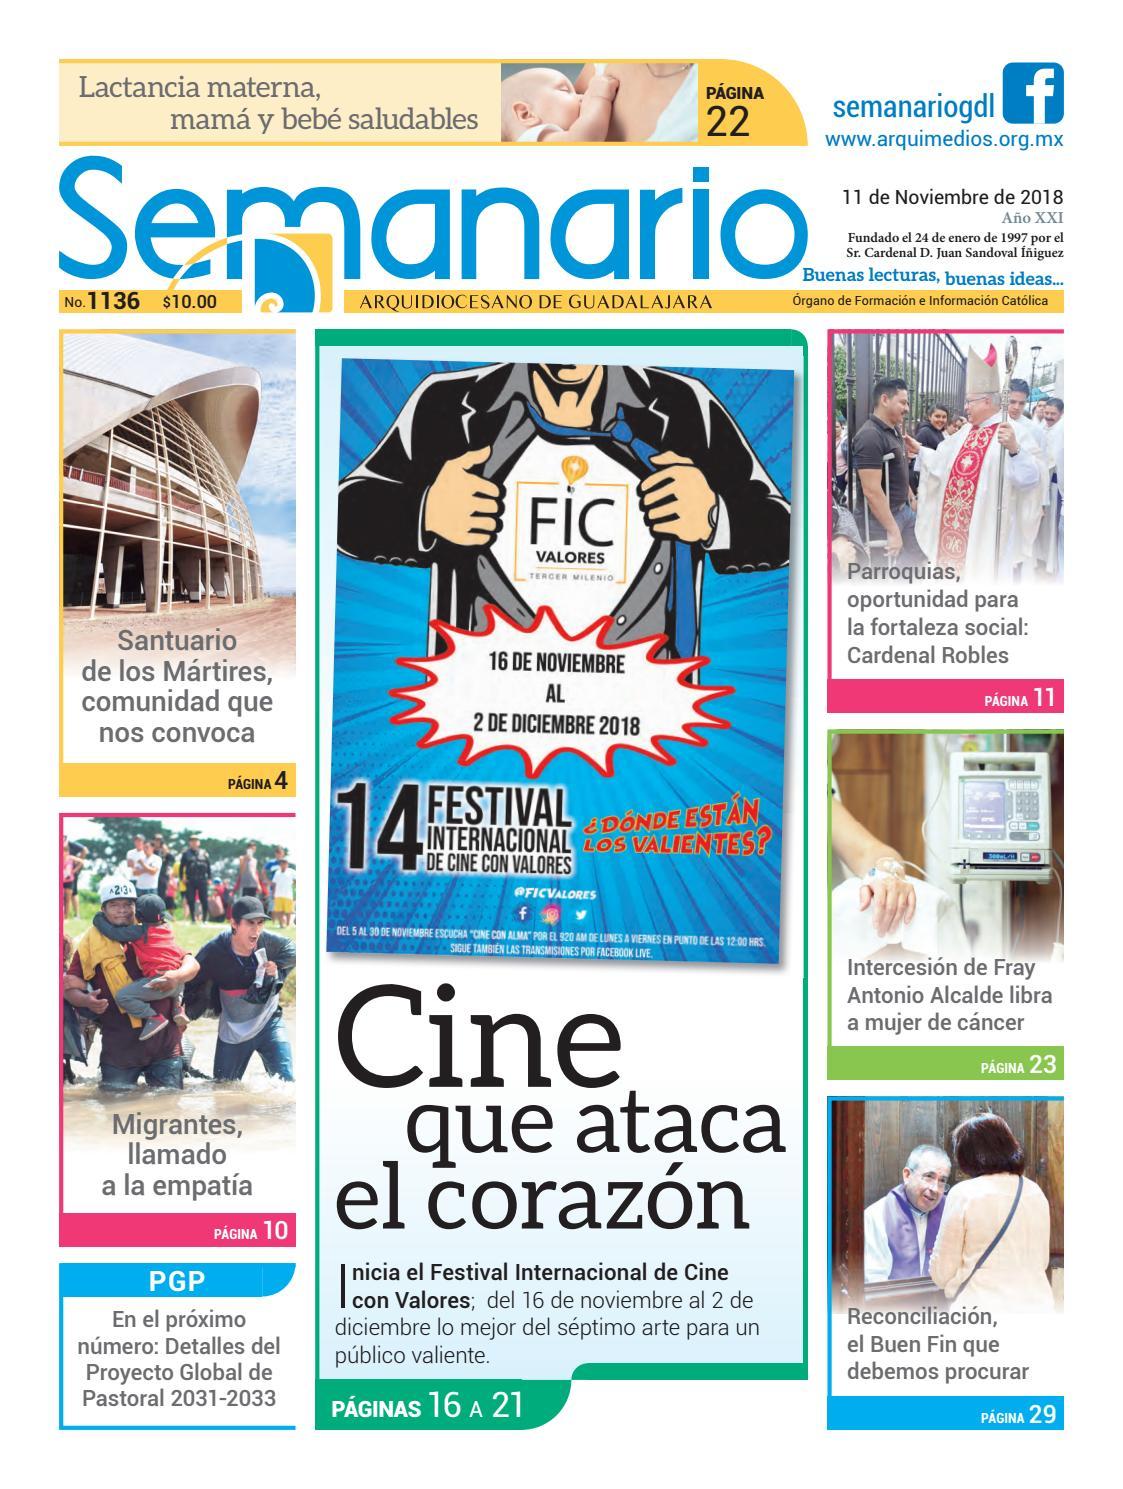 b4ba7270767 Semanario 1136 by Semanario Arquidiocesano de Guadalajara - issuu